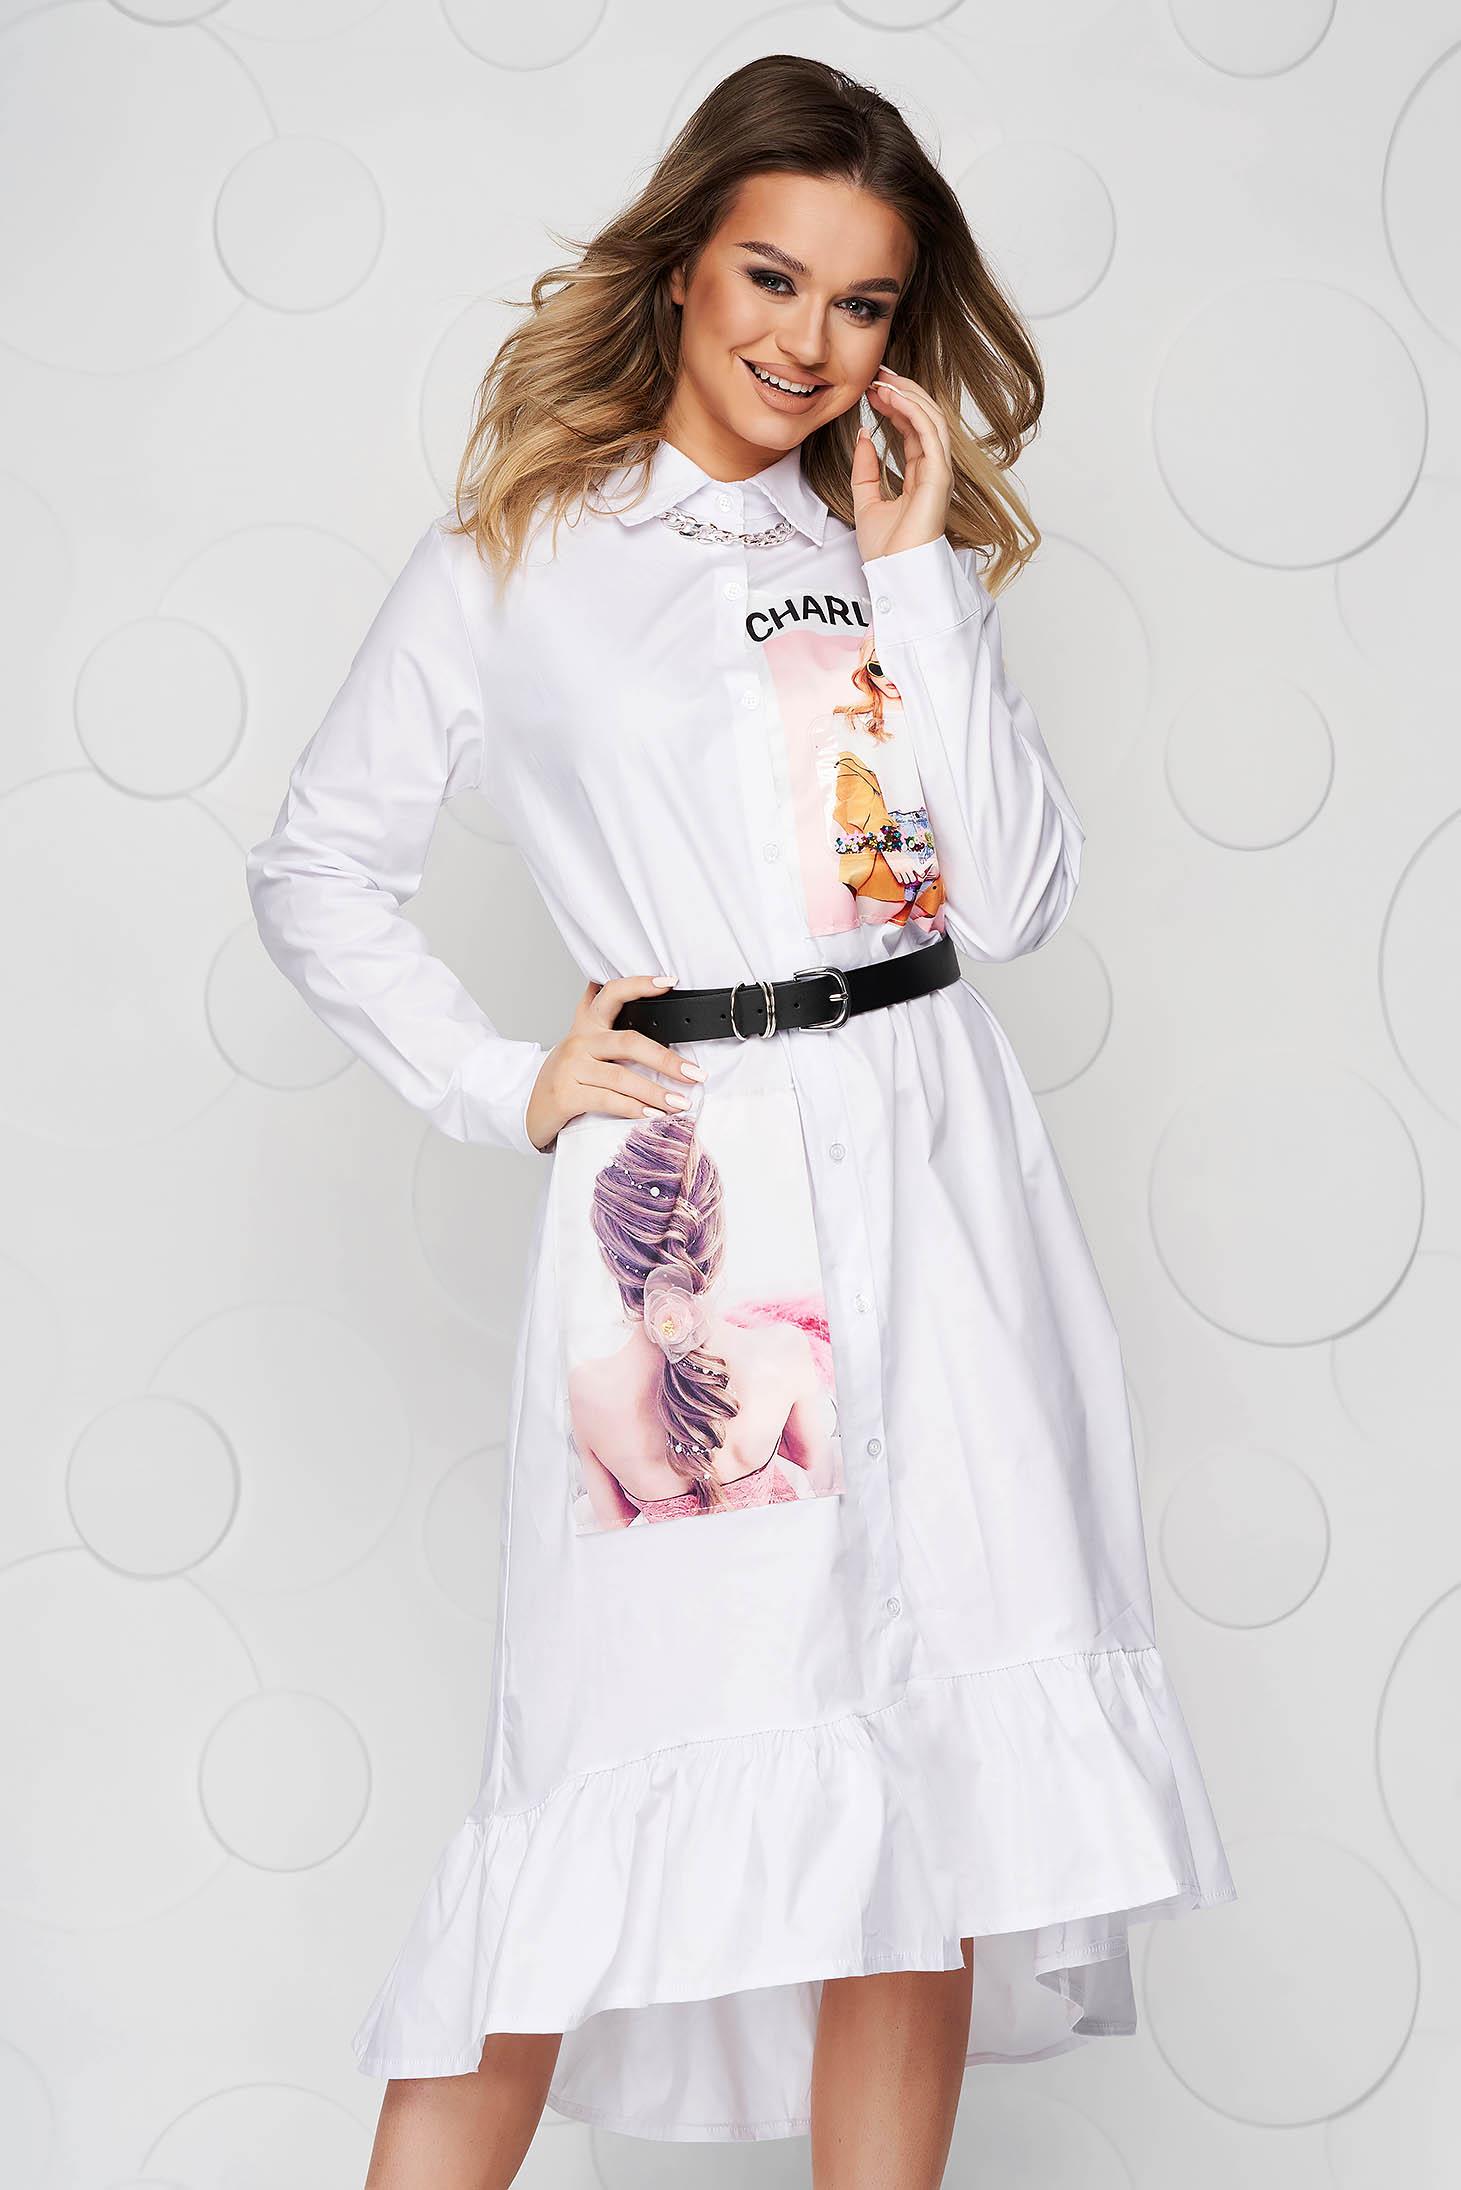 Fehér ruha bő szabású midi 3d effekt vékony szövetből